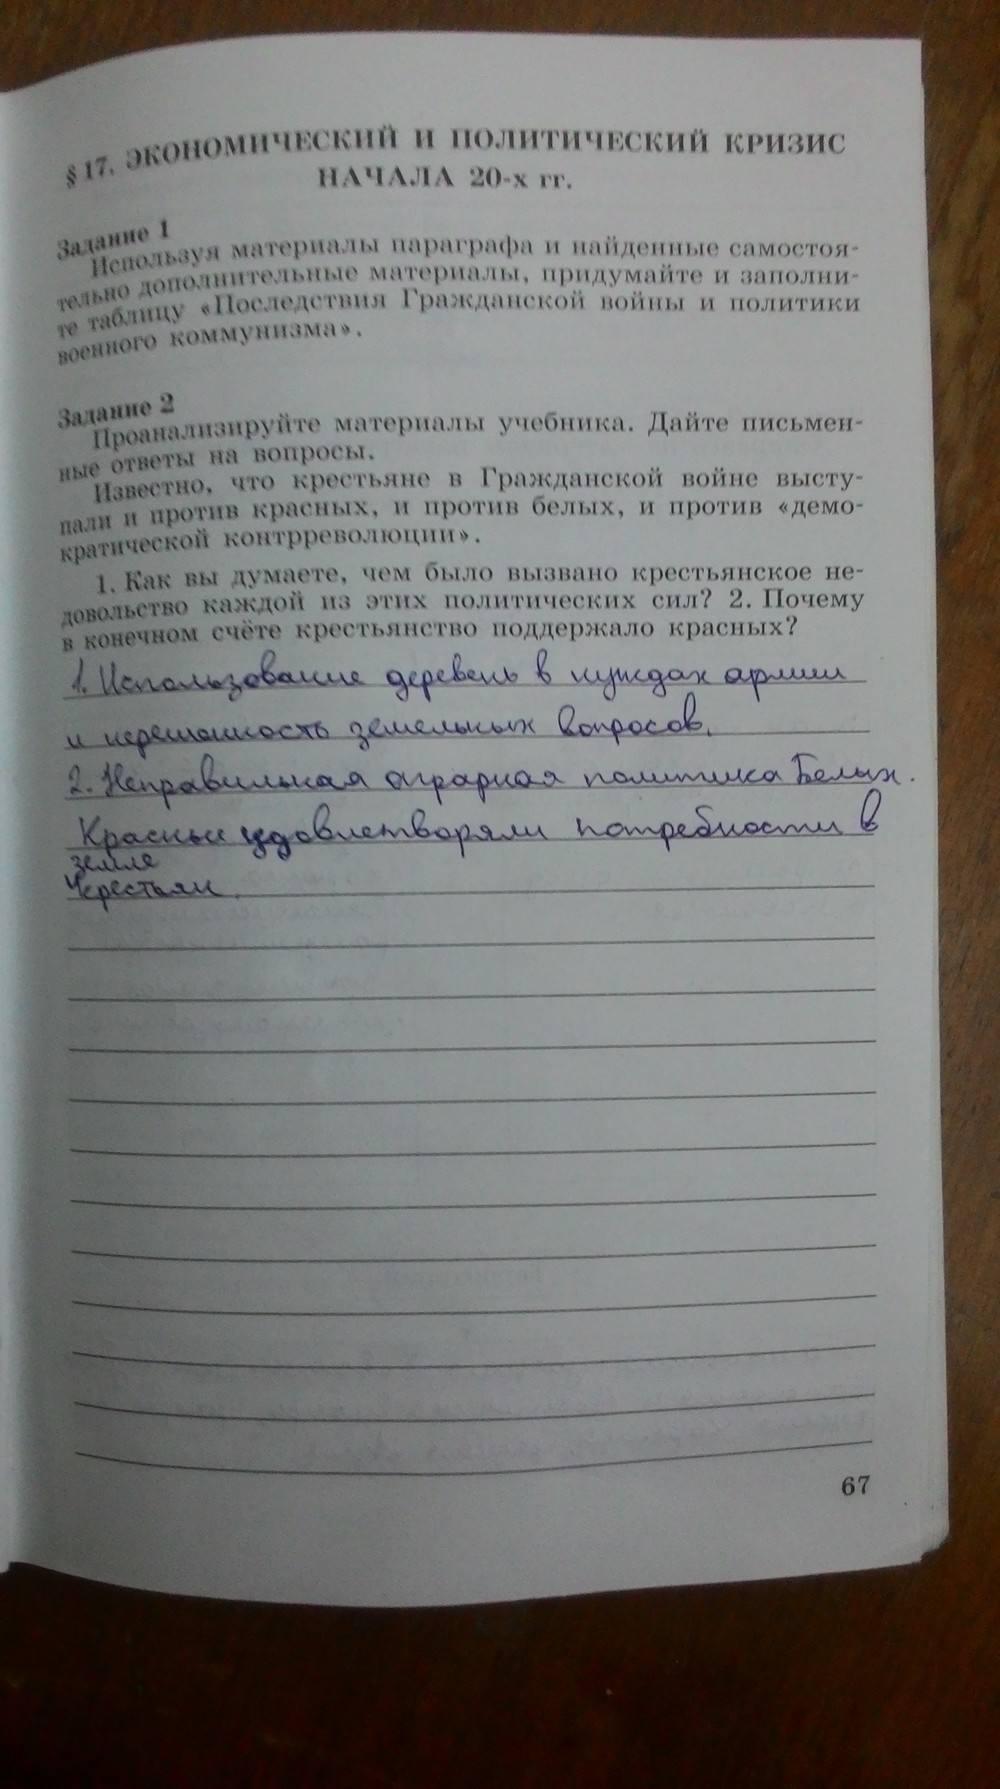 Гдз по истории россии 9 класс данилов косулина ответы на вопросы из учебника